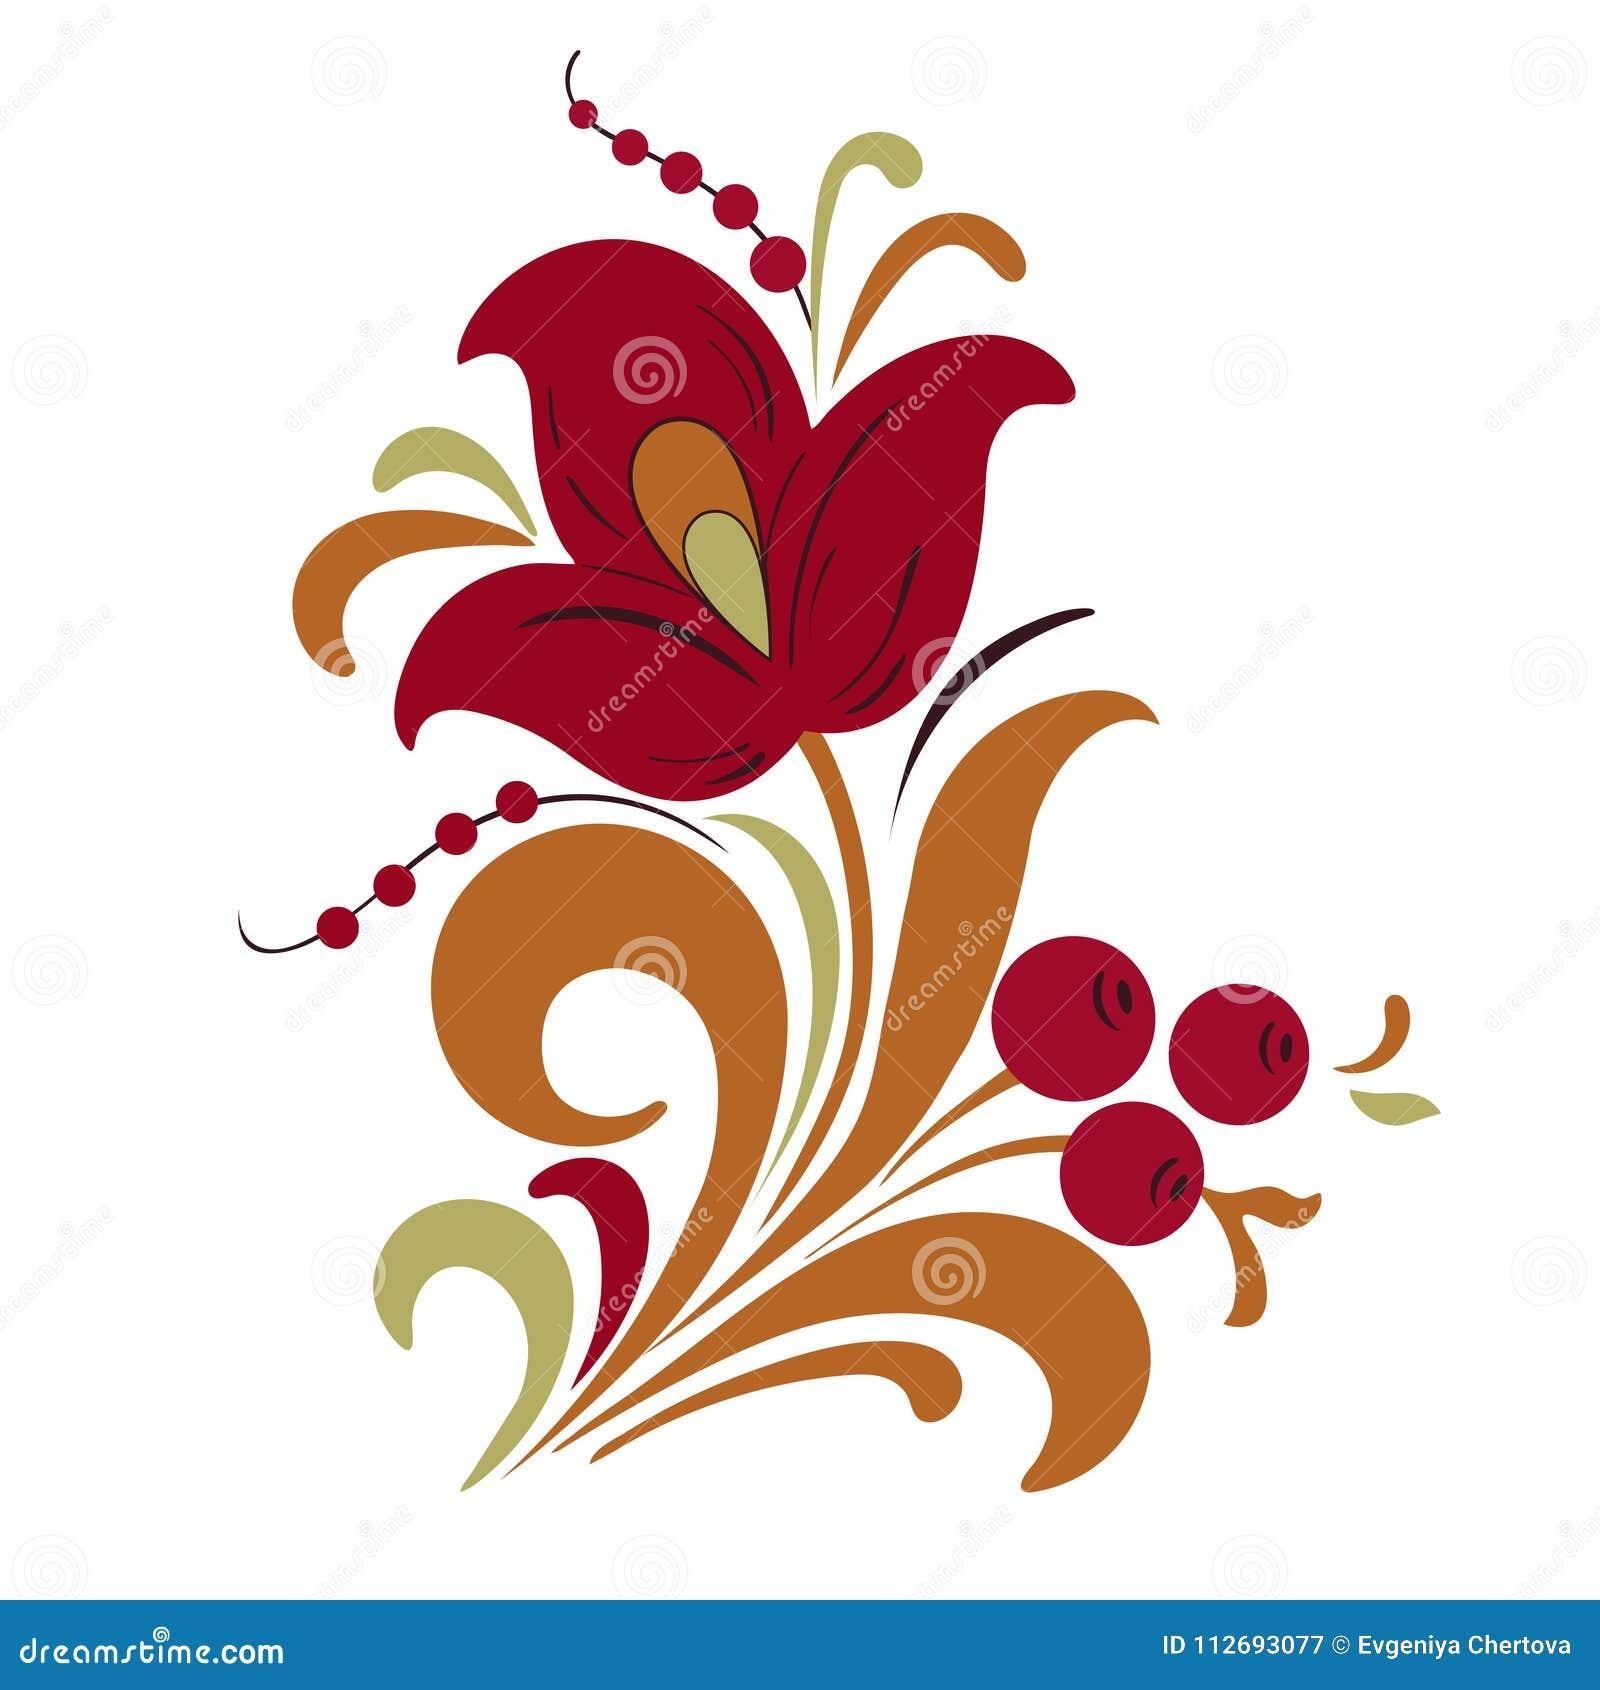 Soustrayez La Fleur Stylisée Illustration De Vecteur